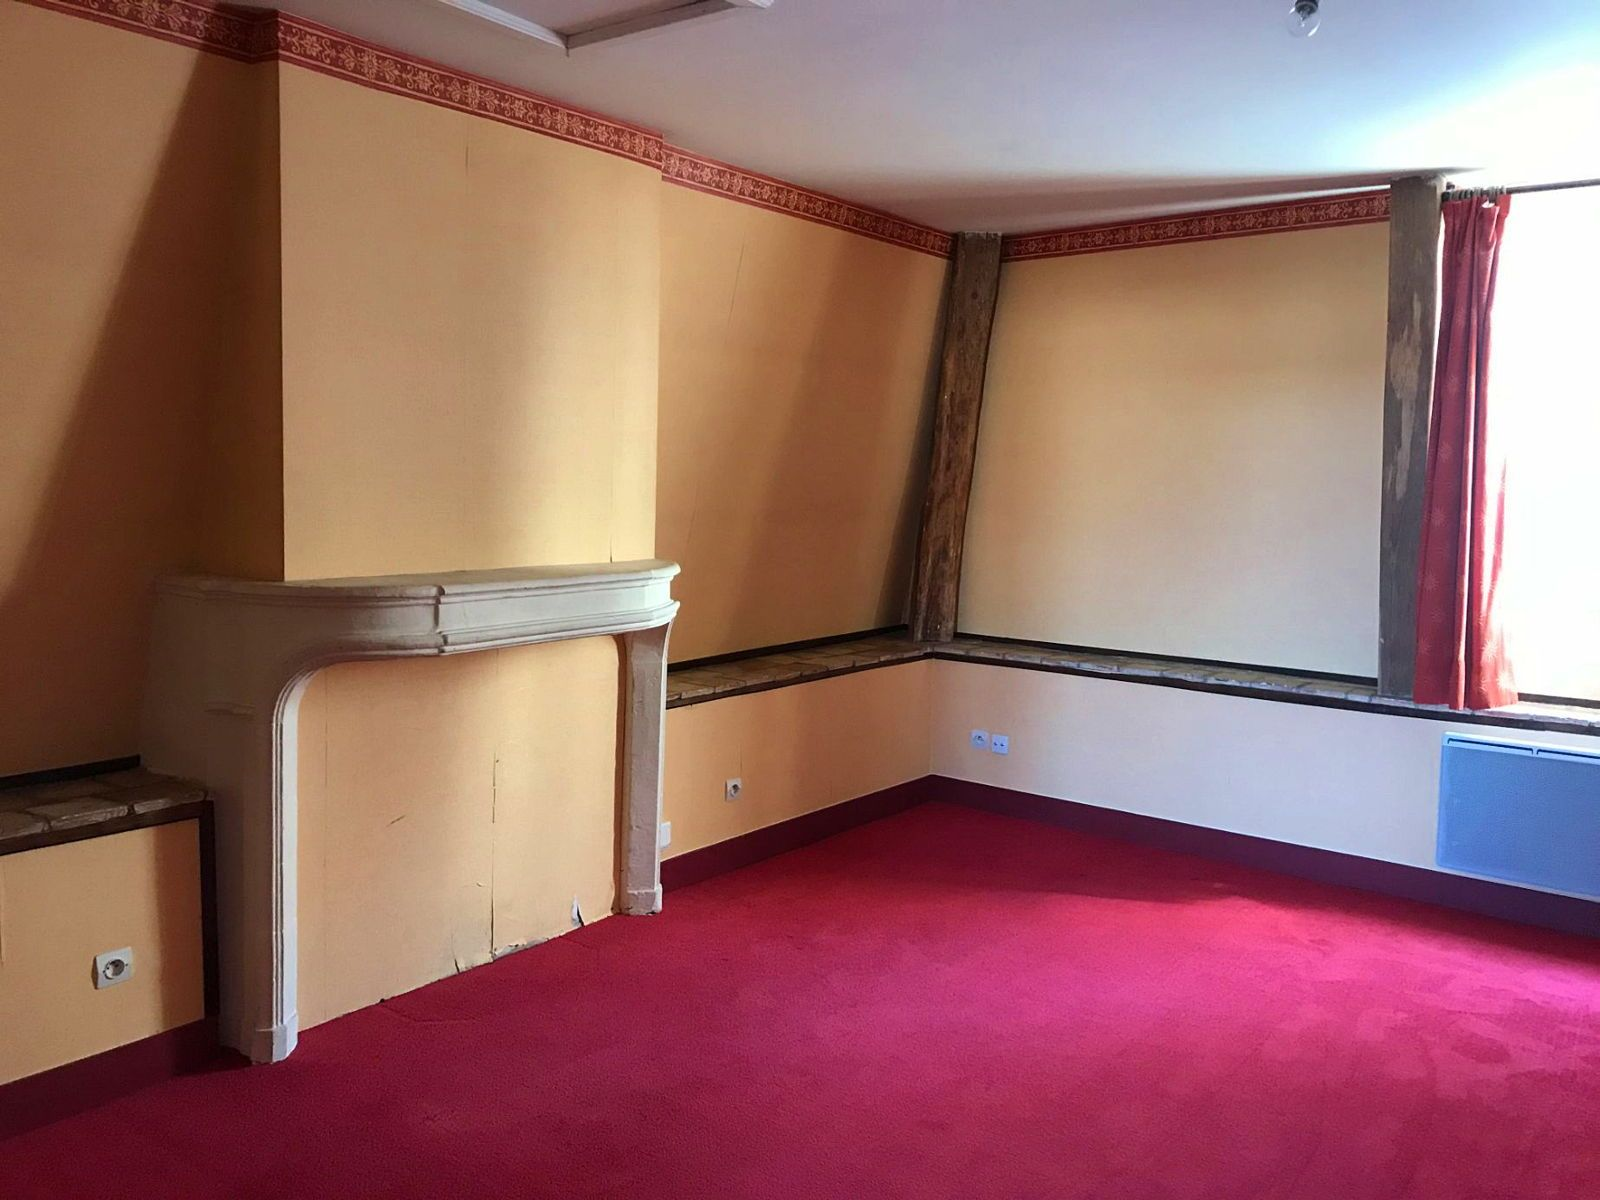 Loue appartement 3pièces, 72m², Le Mans (72) centre ville